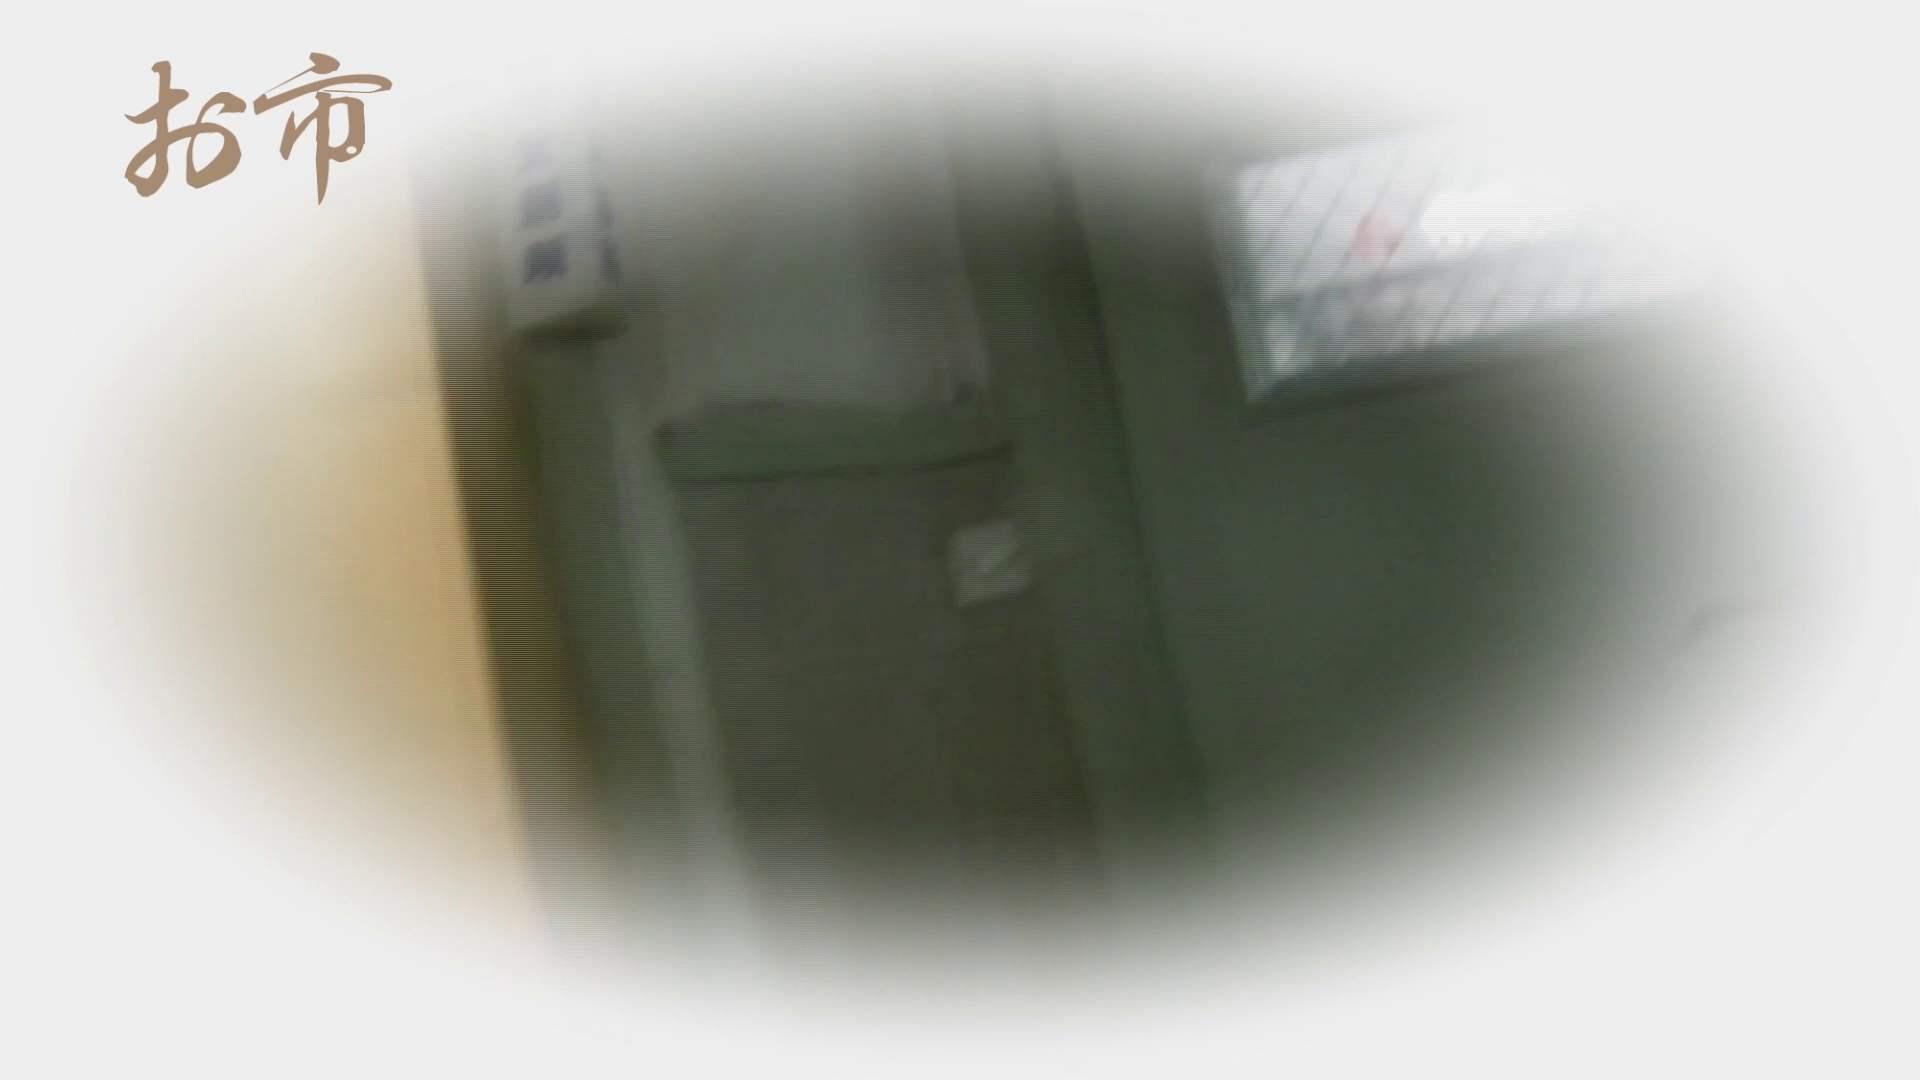 潜入!!台湾名門女学院 Vol.12 長身モデル驚き見たことないシチュエーション 細身 | 潜入  45画像 2